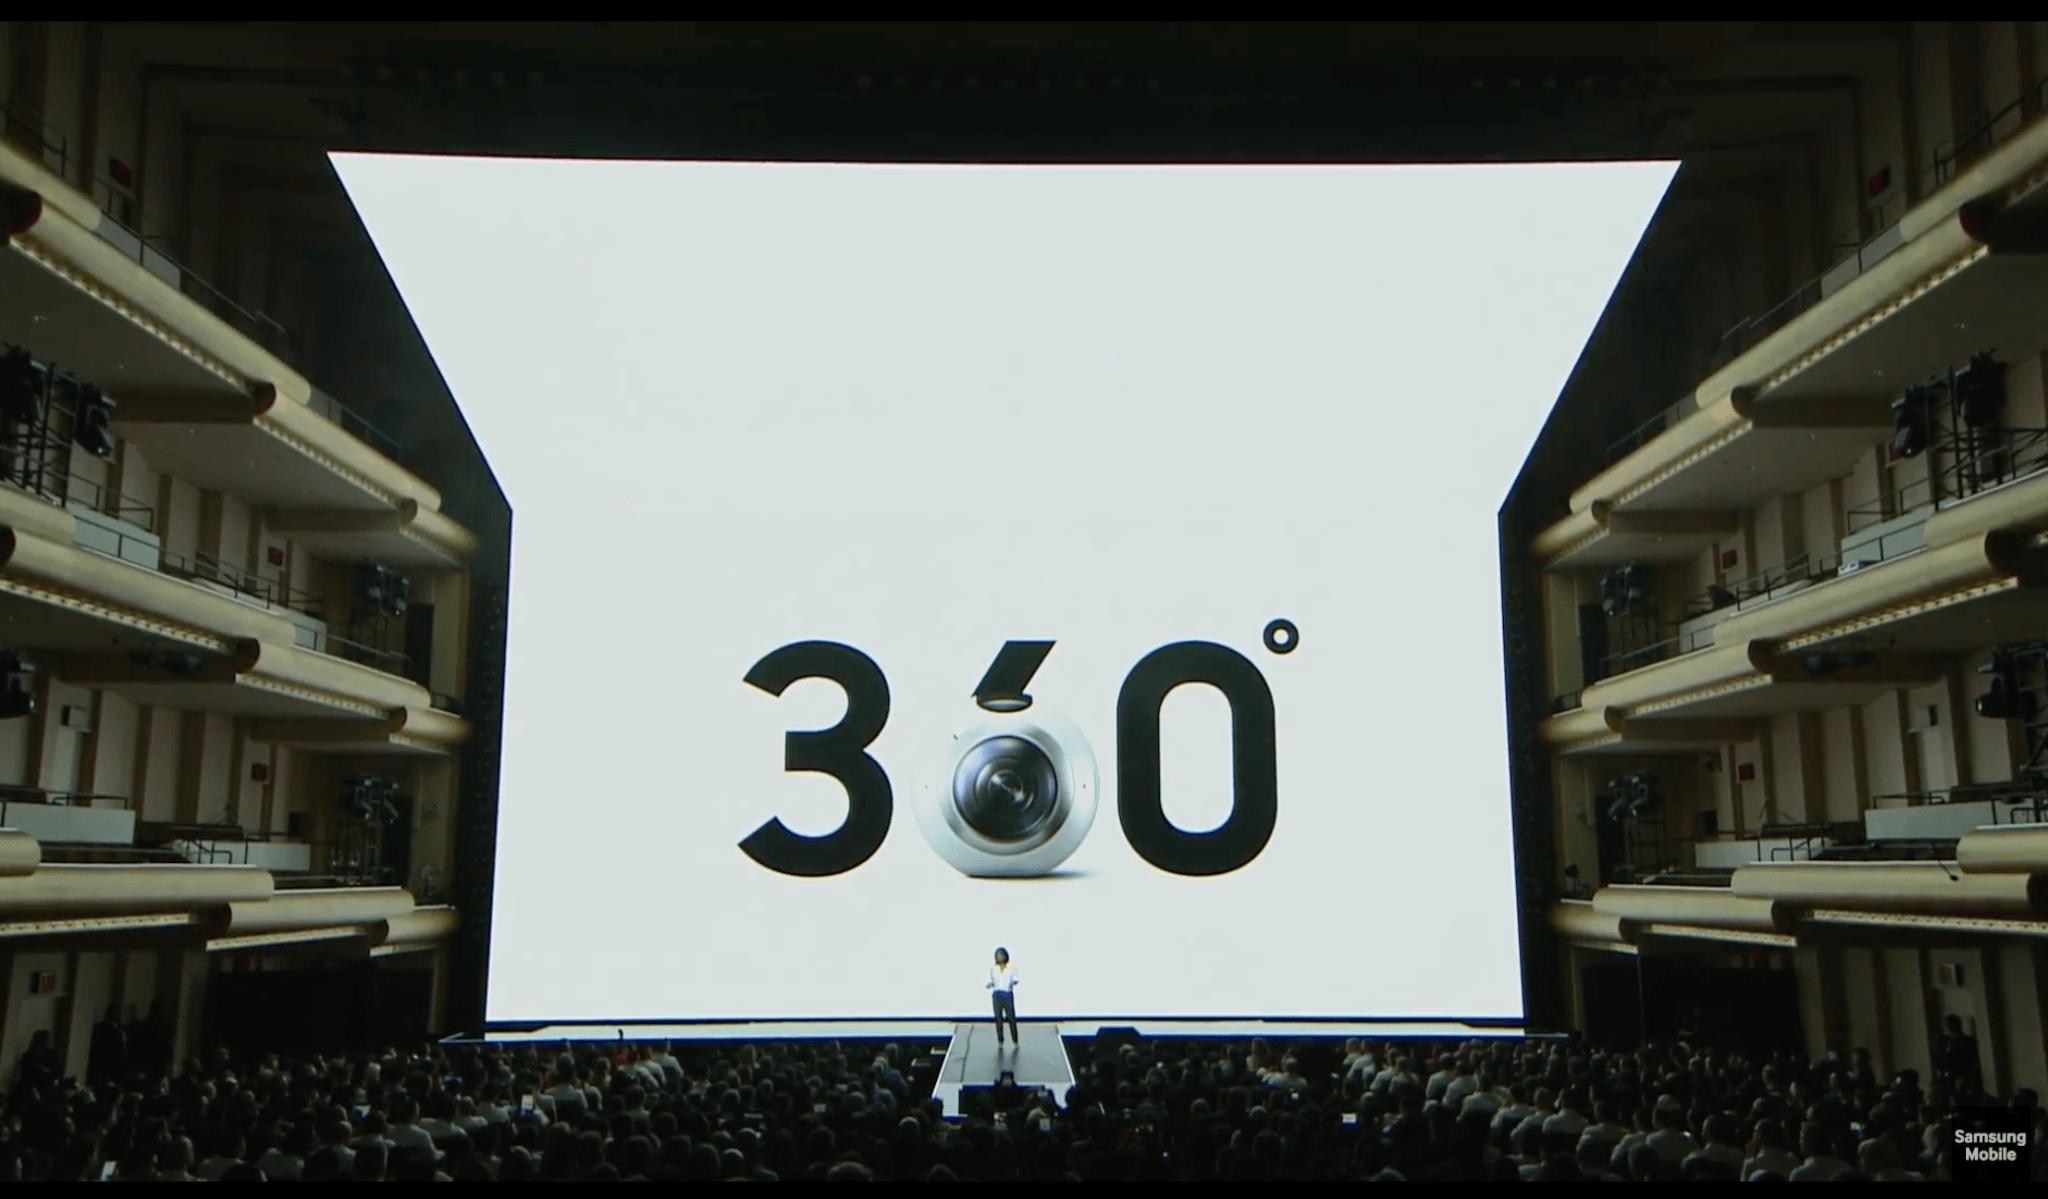 Imagen de la presentación del Gear 360